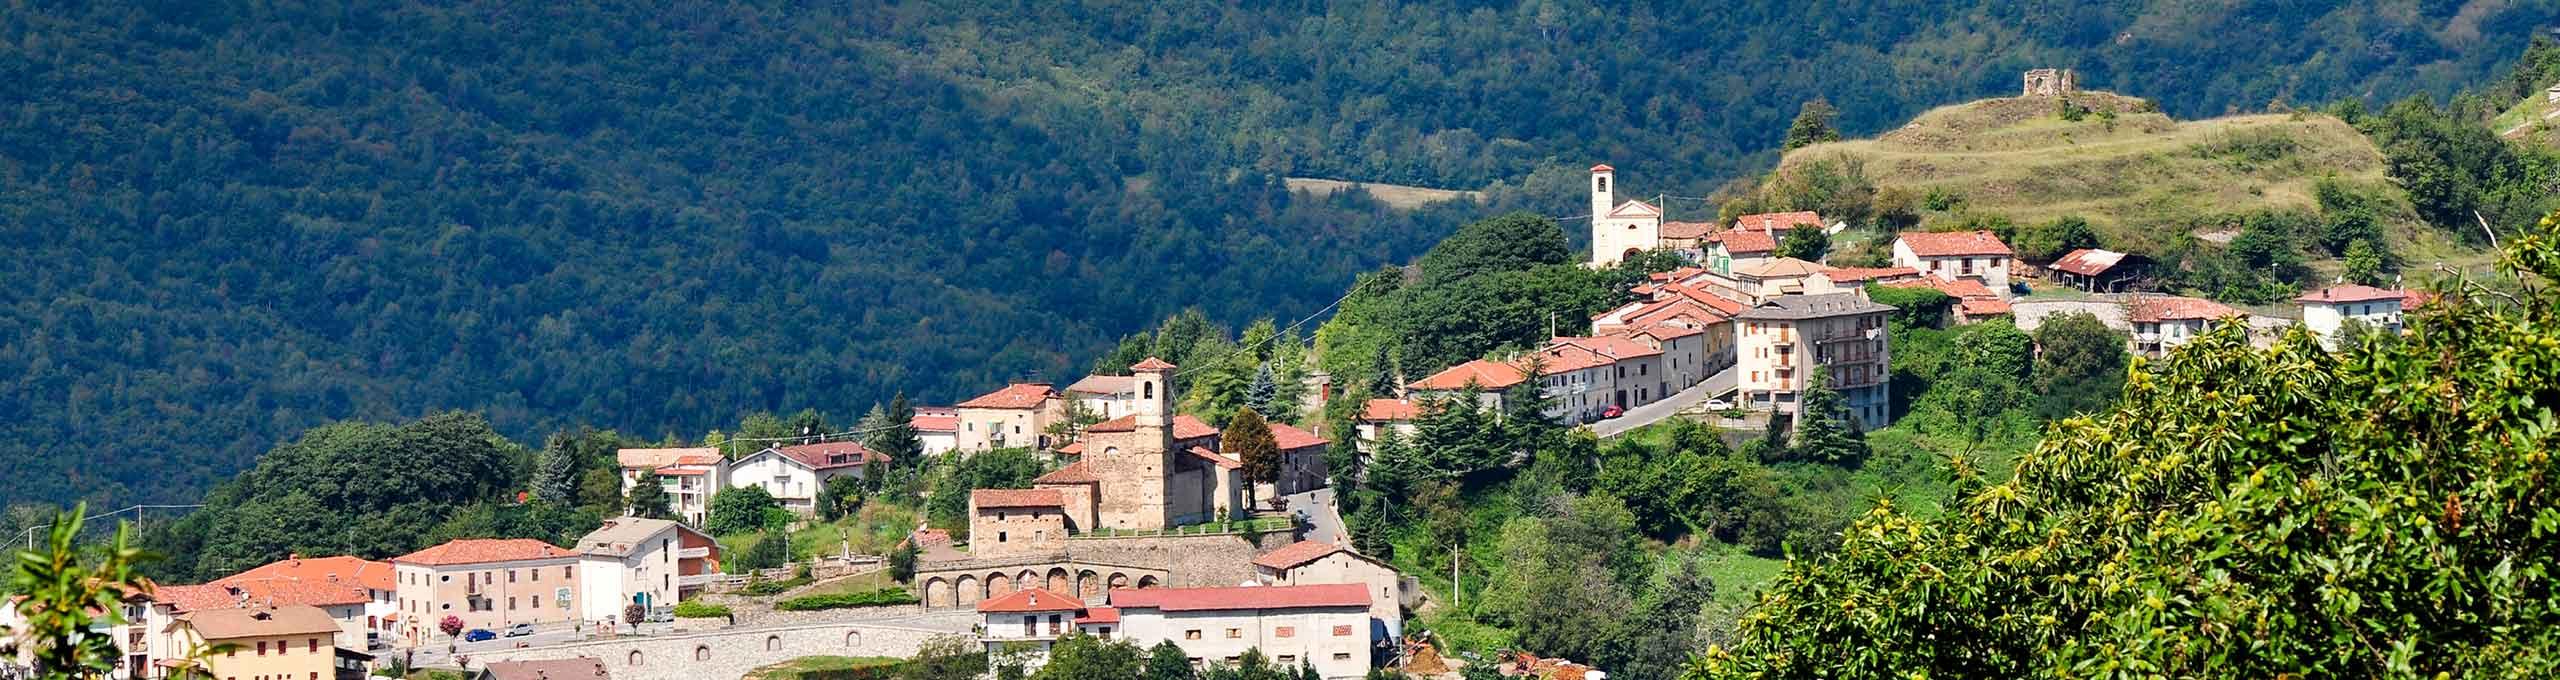 Scagnello, alto Tanaro Cebano Monregalese, Piemonte